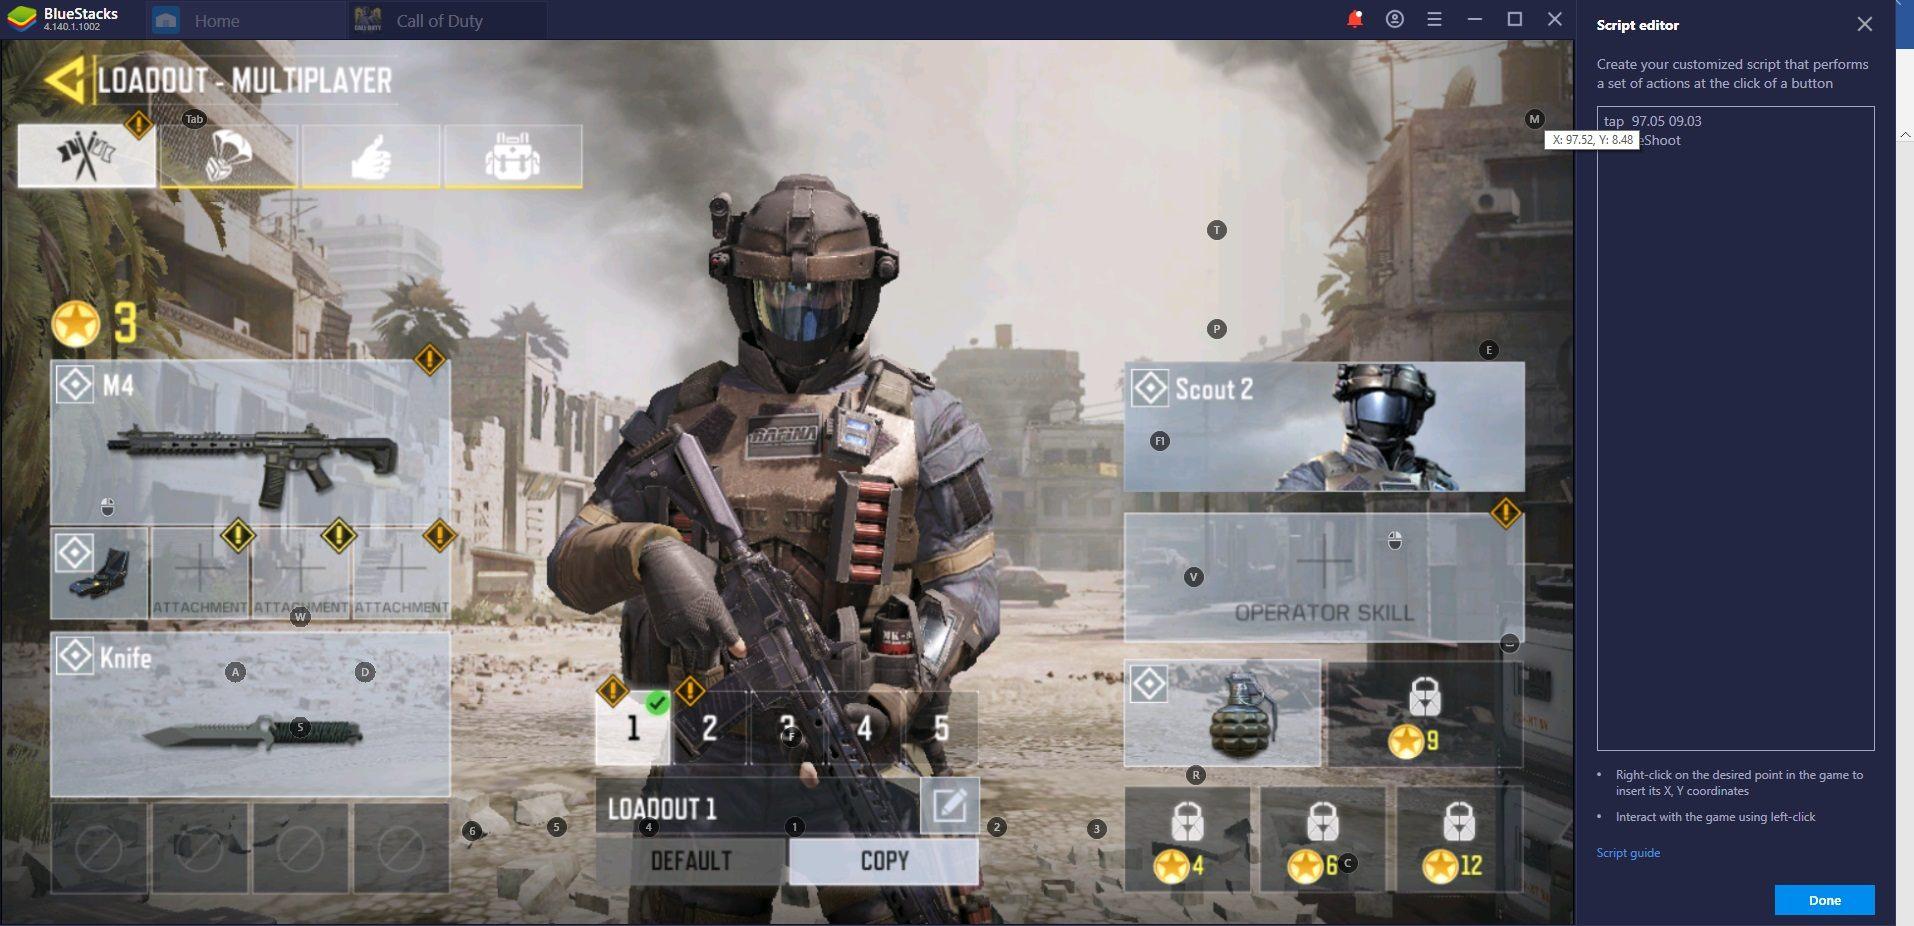 BlueStacksを使ってPCで『Call of Duty: Mobile 』を遊ぼう